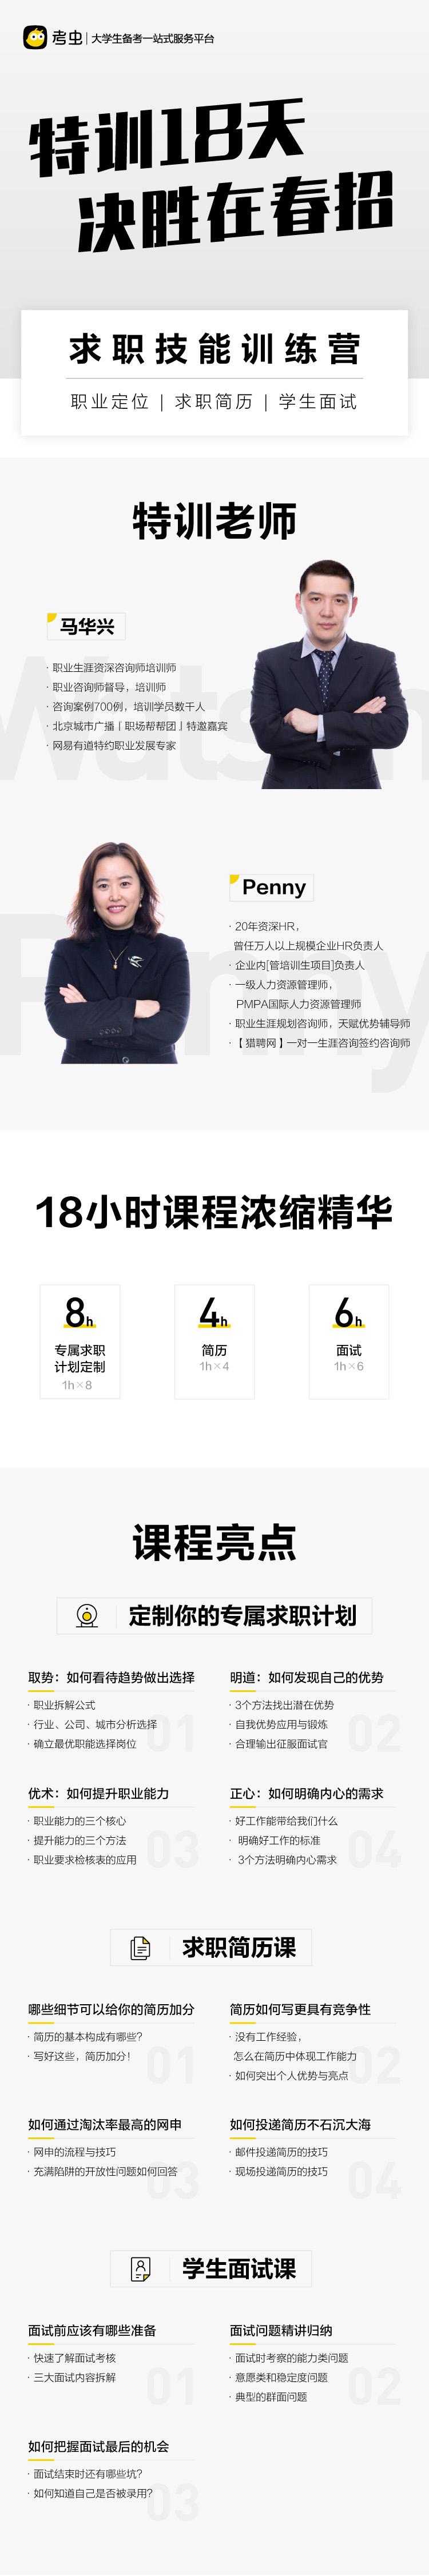 求职技能训练营 详情图1.jpg